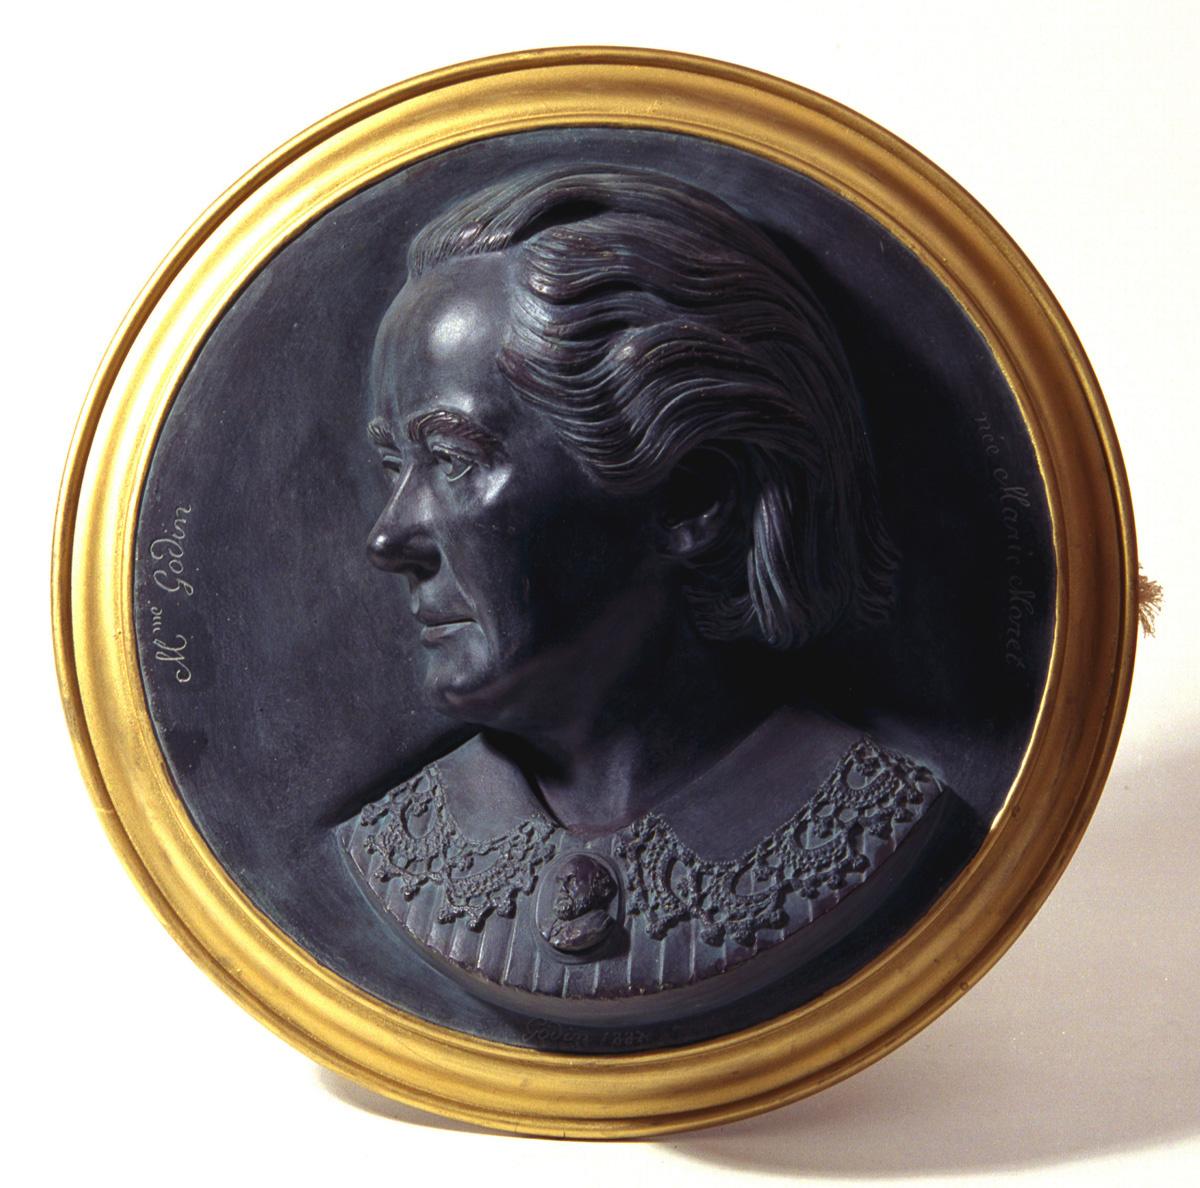 Le relief représente la tête de la seconde épouse de Godin, Marie Moret, qui por